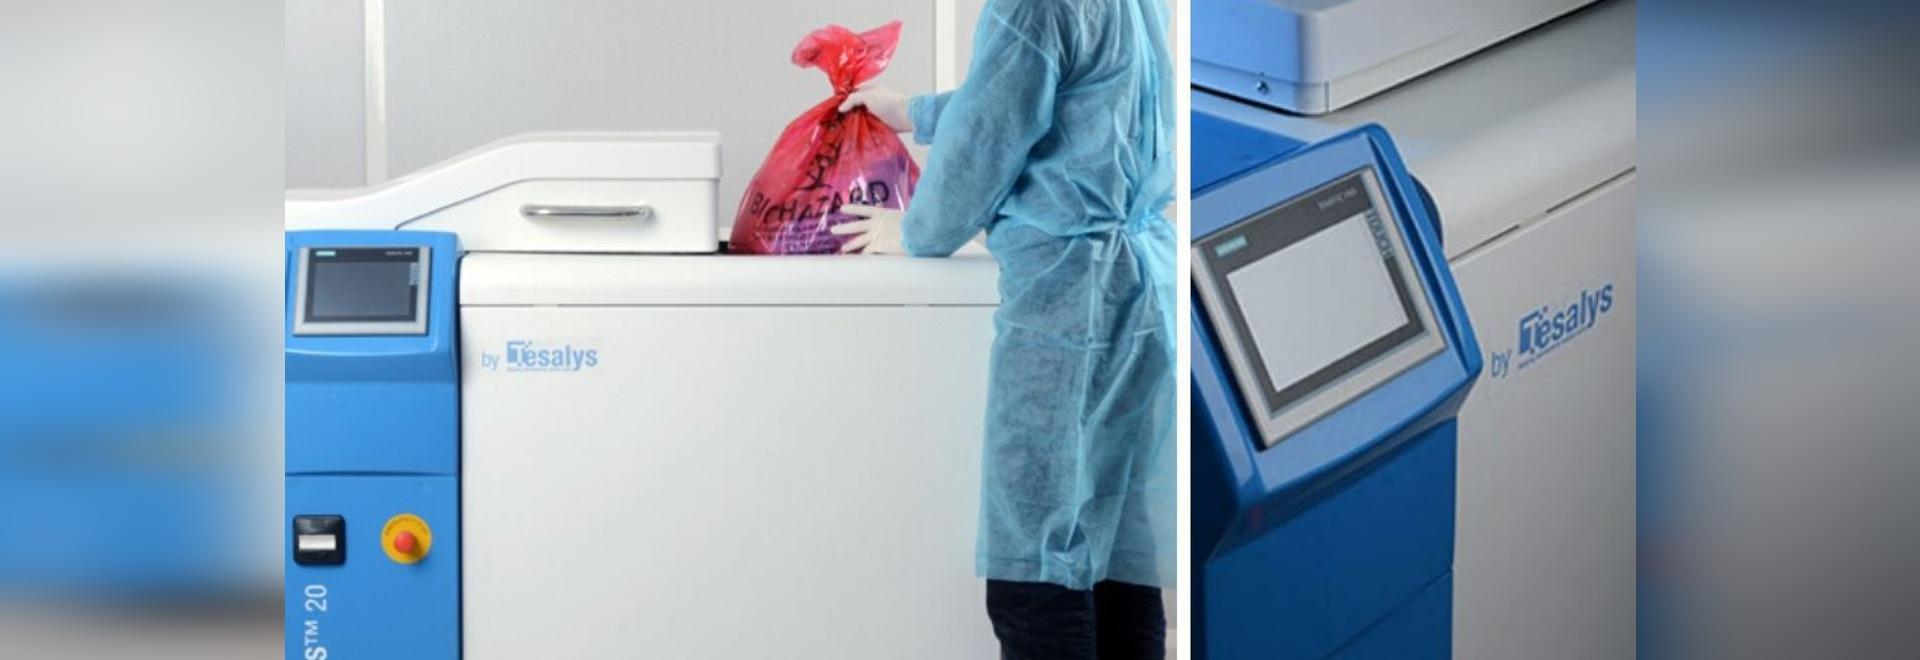 Covid-19: La società francese Tesalys produce macchine per il trattamento dei rifiuti infettivi